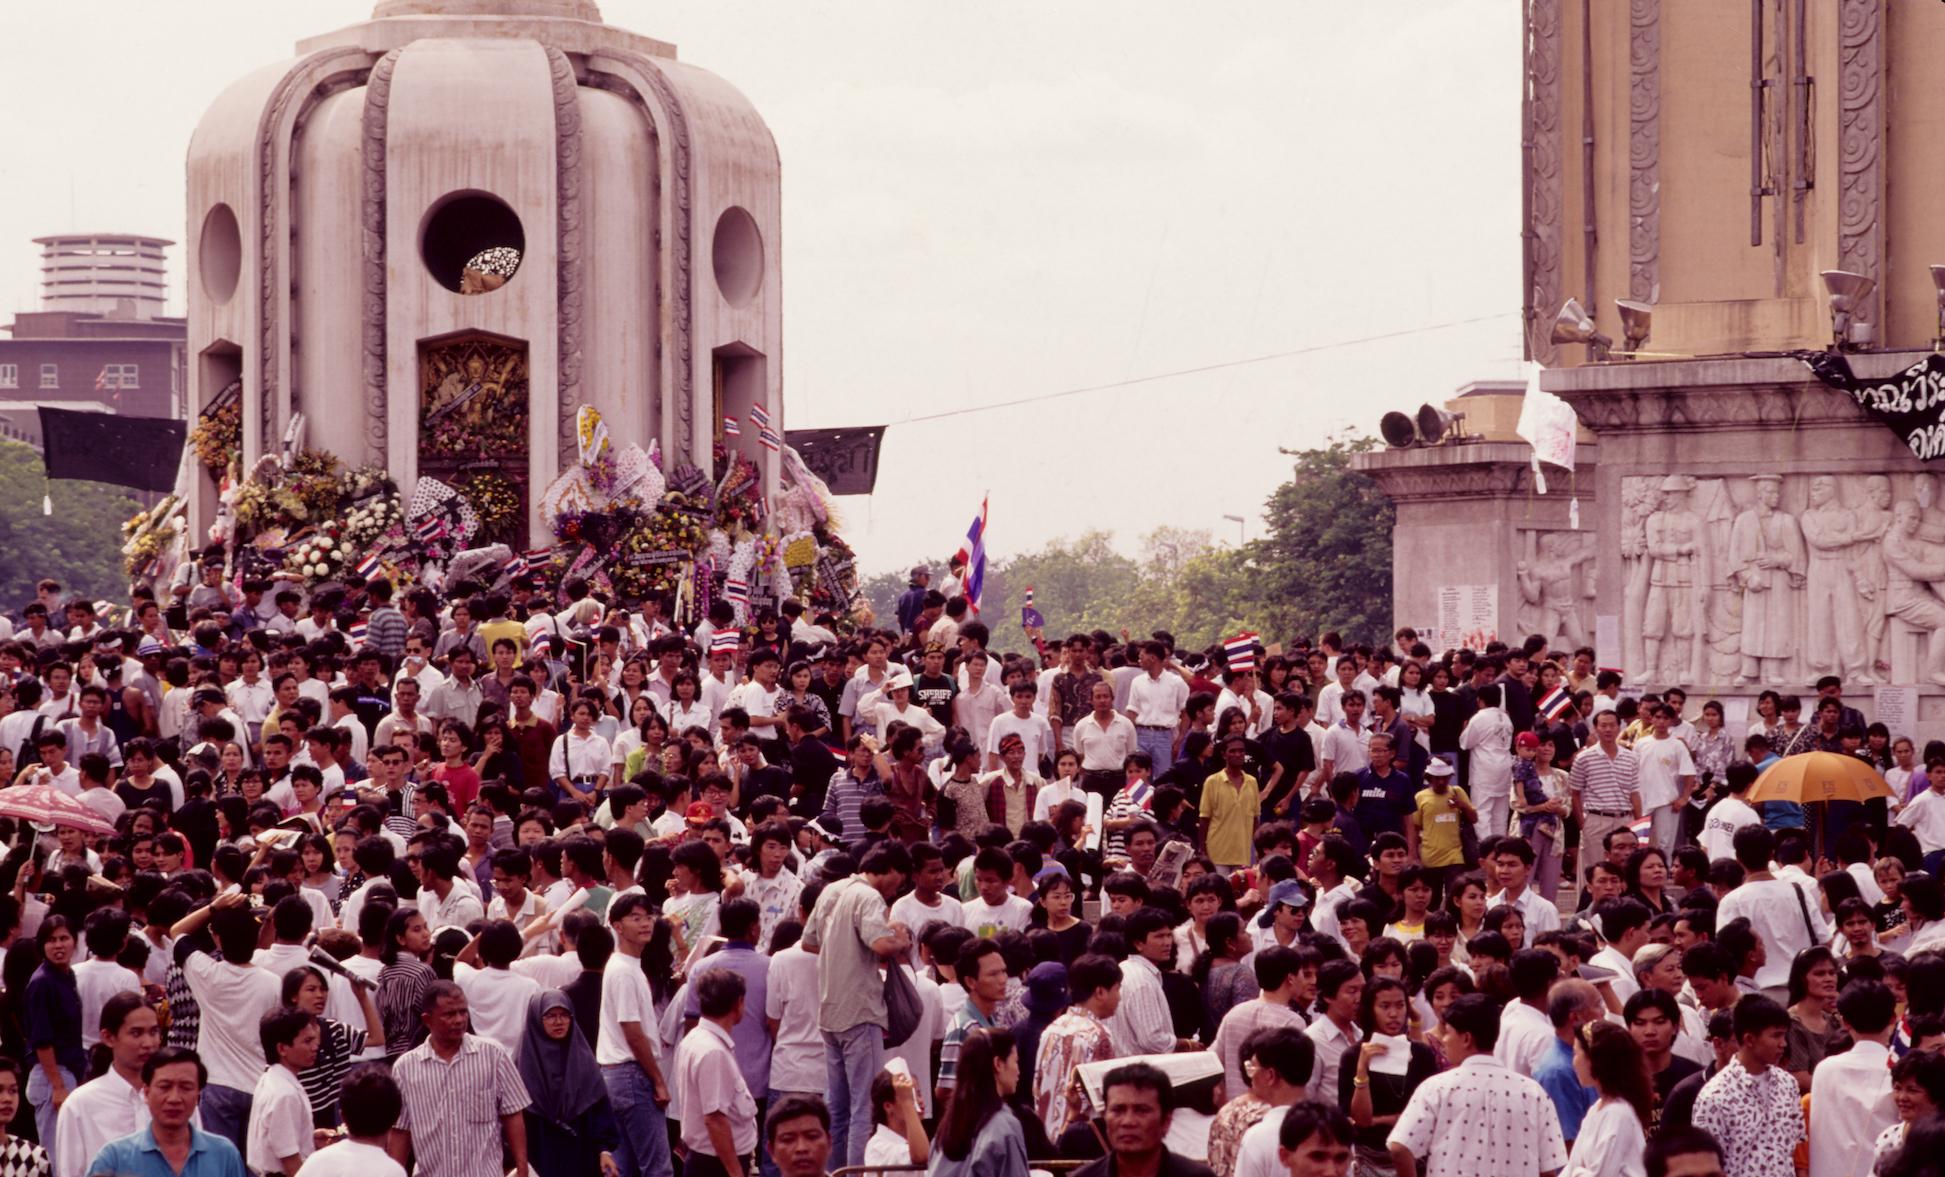 מאי השחור \ מאי המדמם: 17 במאי 1992 אלפי תאים צועדים ברחובות בנגקוק נגד המשטר הצבאי